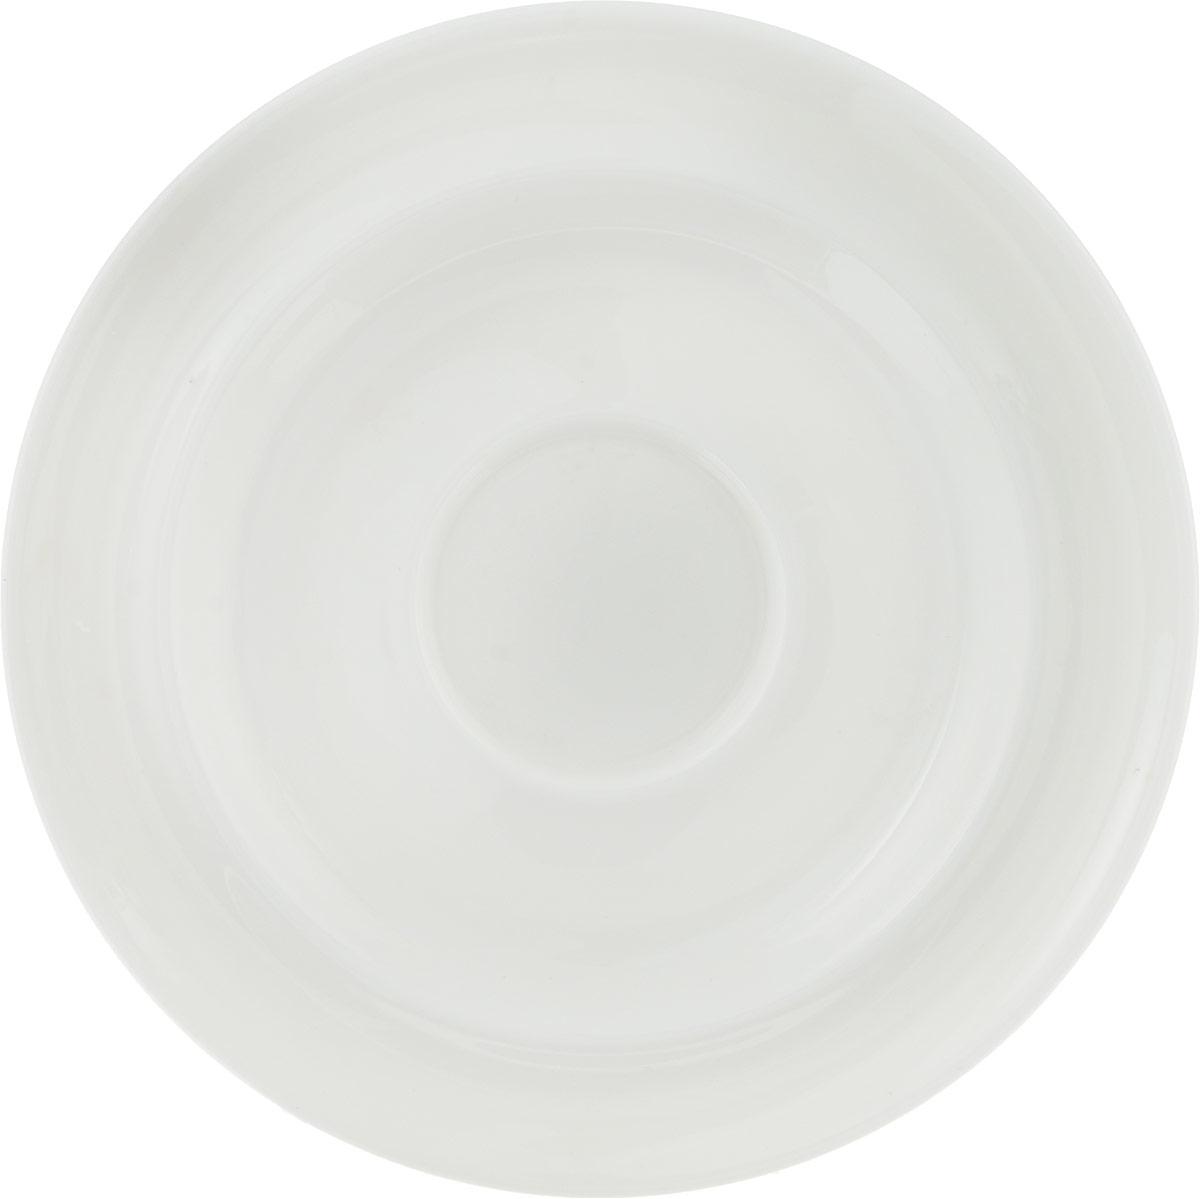 Блюдце для эспрессо Royal Porcelain Максадьюра, диаметр 12,5 смРП-8520Royal - новый уникальный продукт на рынке фарфора, производится из материала,в состав которого входит алюминиум (глинозем) в виде порошка,что придаёт фарфору уникальные свойства: белоснежный цвет, как наповерхности, так и на изломе, более тонкие и изящные формы, так какдобавление металла делает фарфоровую массу более пластичной, устойчивость ксколам и царапинам. Возможный перепад температур приэксплуатации до 200 градусов. Фарфор покрывается глазурью, чтохарактеризует эту посуду как продукт высшего класса. Идеальноподходит для использования в микроволновой печи и посудомоечной машине.